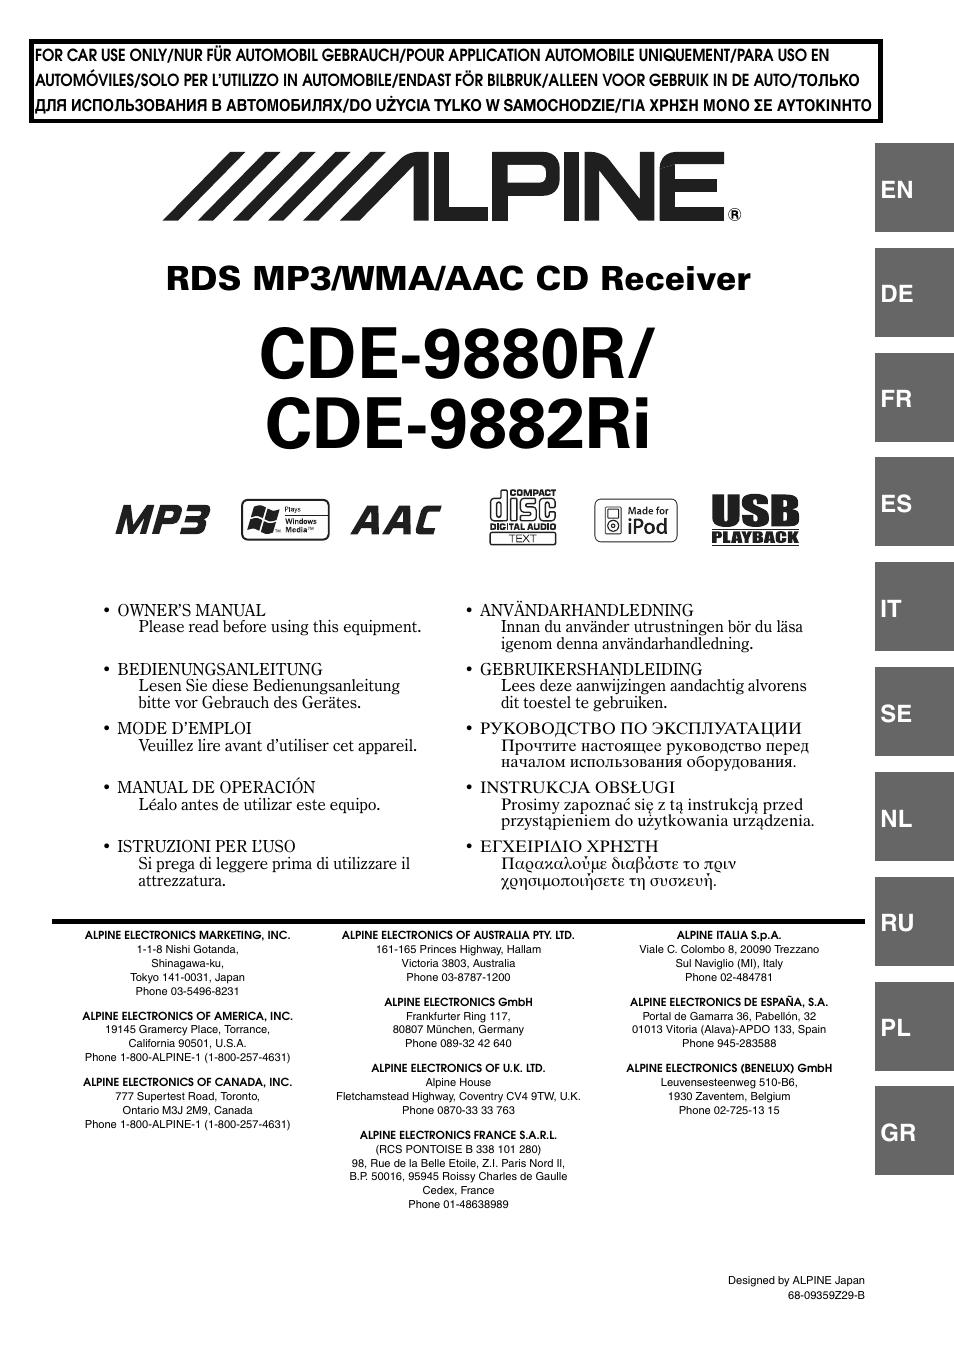 Cde 9880r alpine инструкция